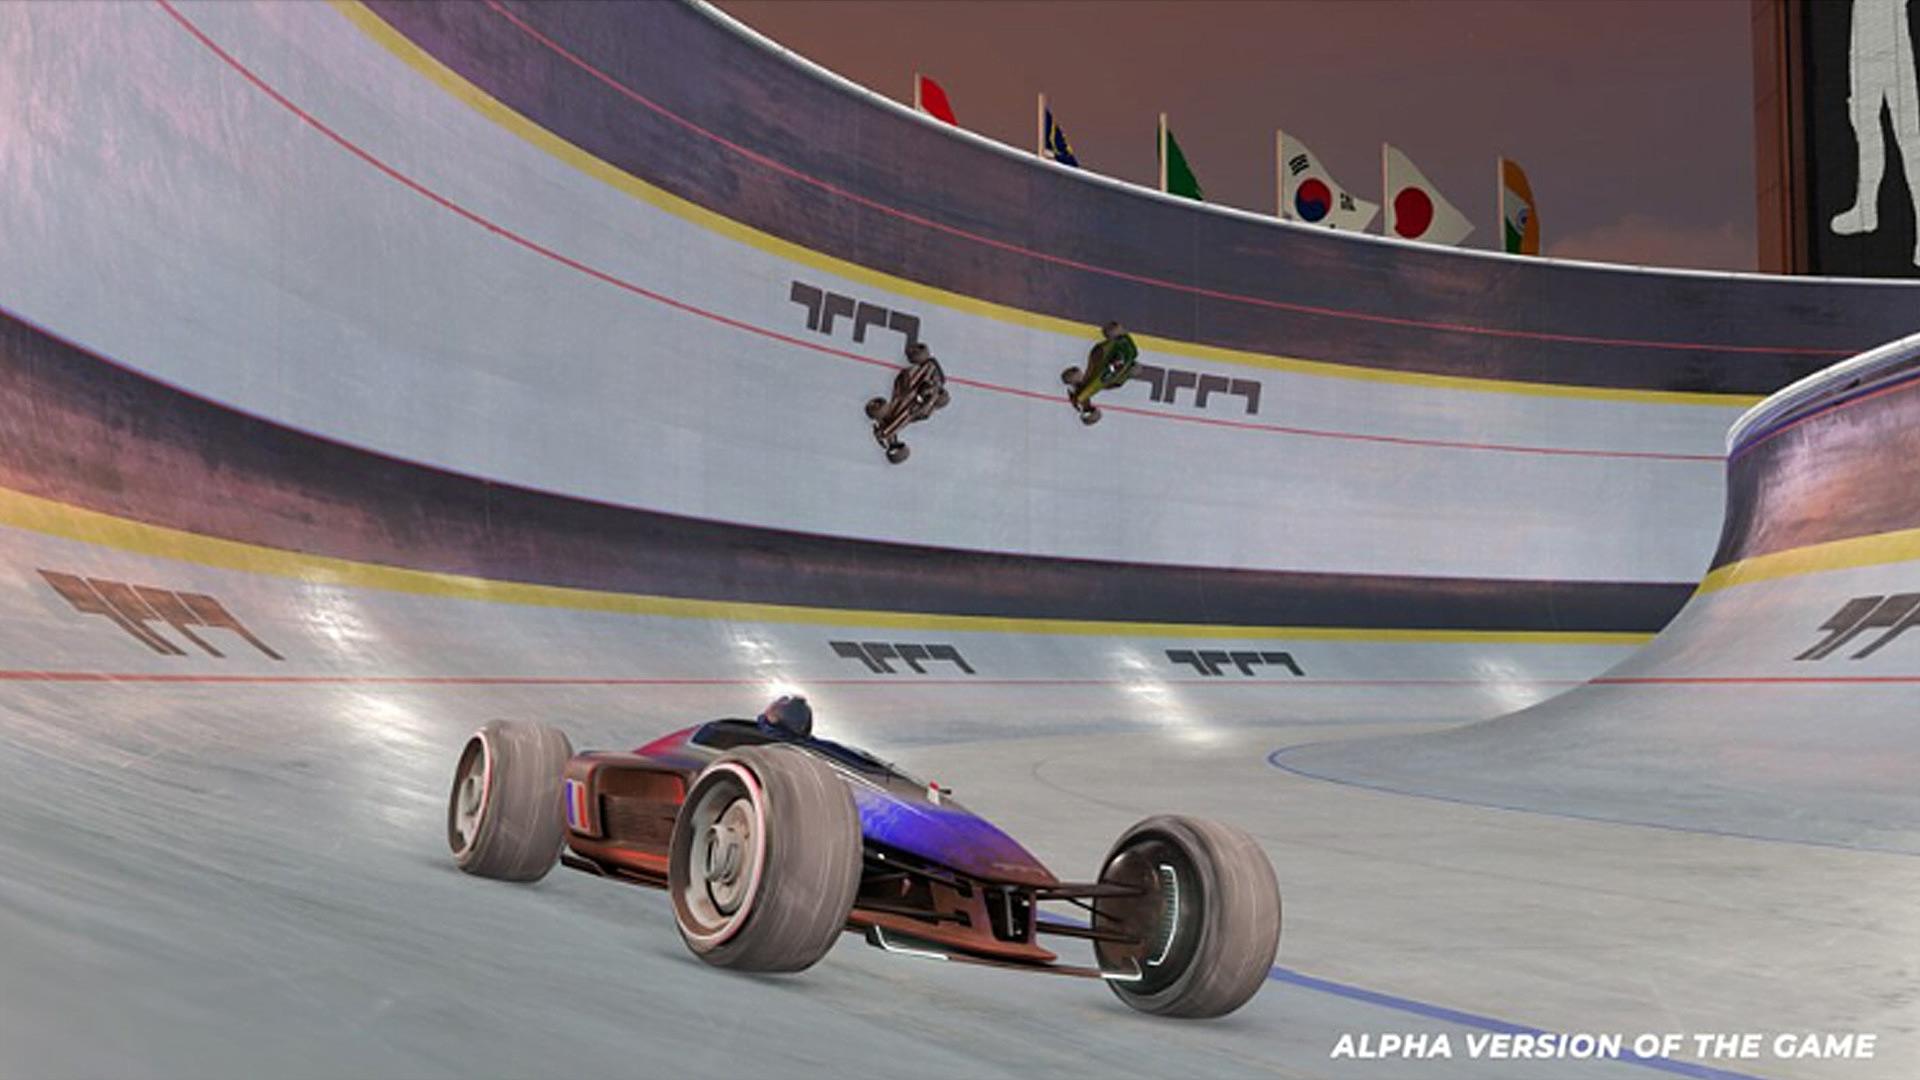 Quelle: Ubisoft Nadeo - Trackmania (Remake) - Radrennbahn-Strecke